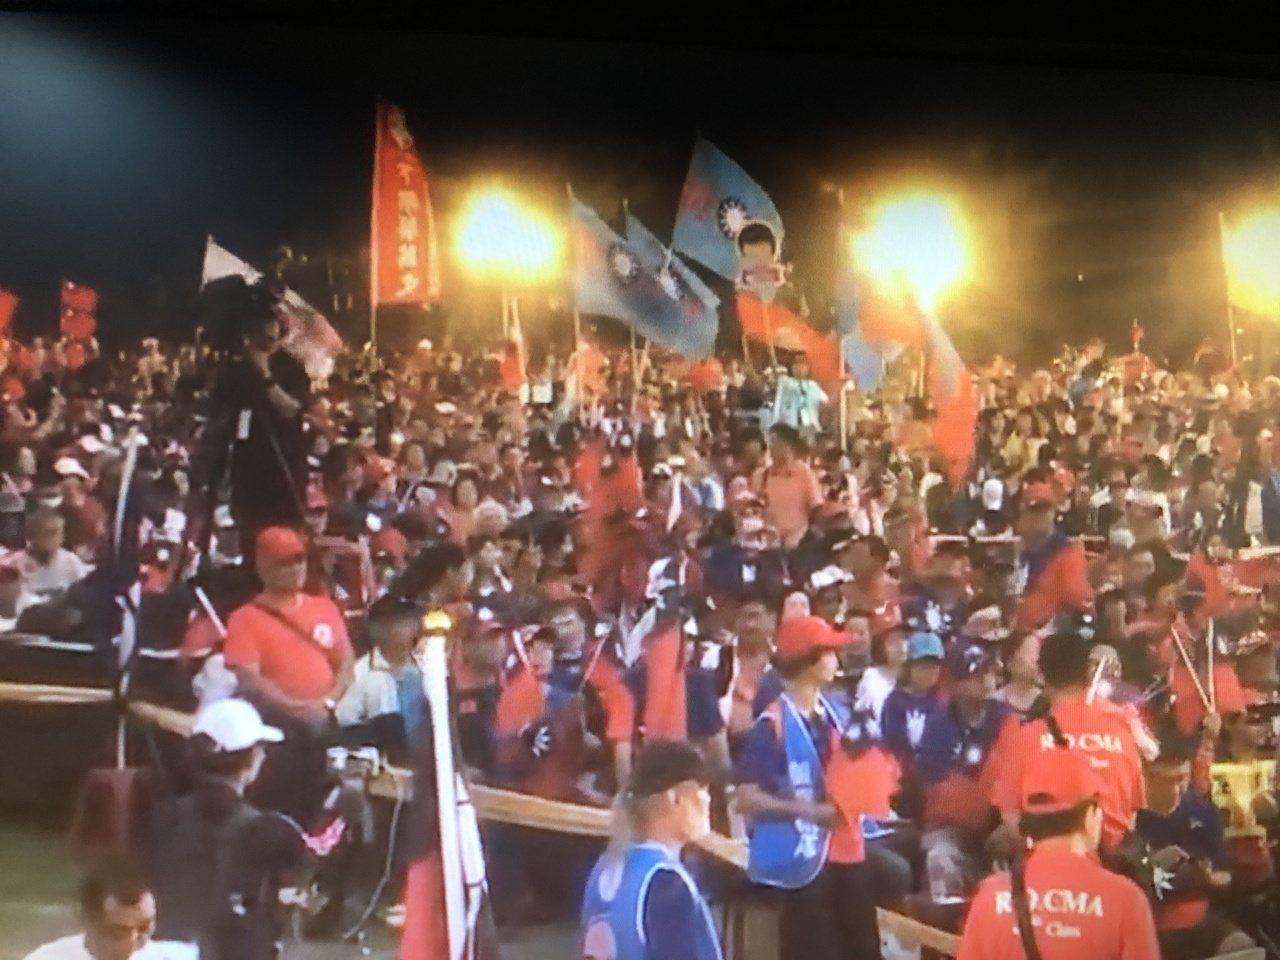 韓國瑜台南造勢大會熱鬧滾滾。記者魯永明/翻攝